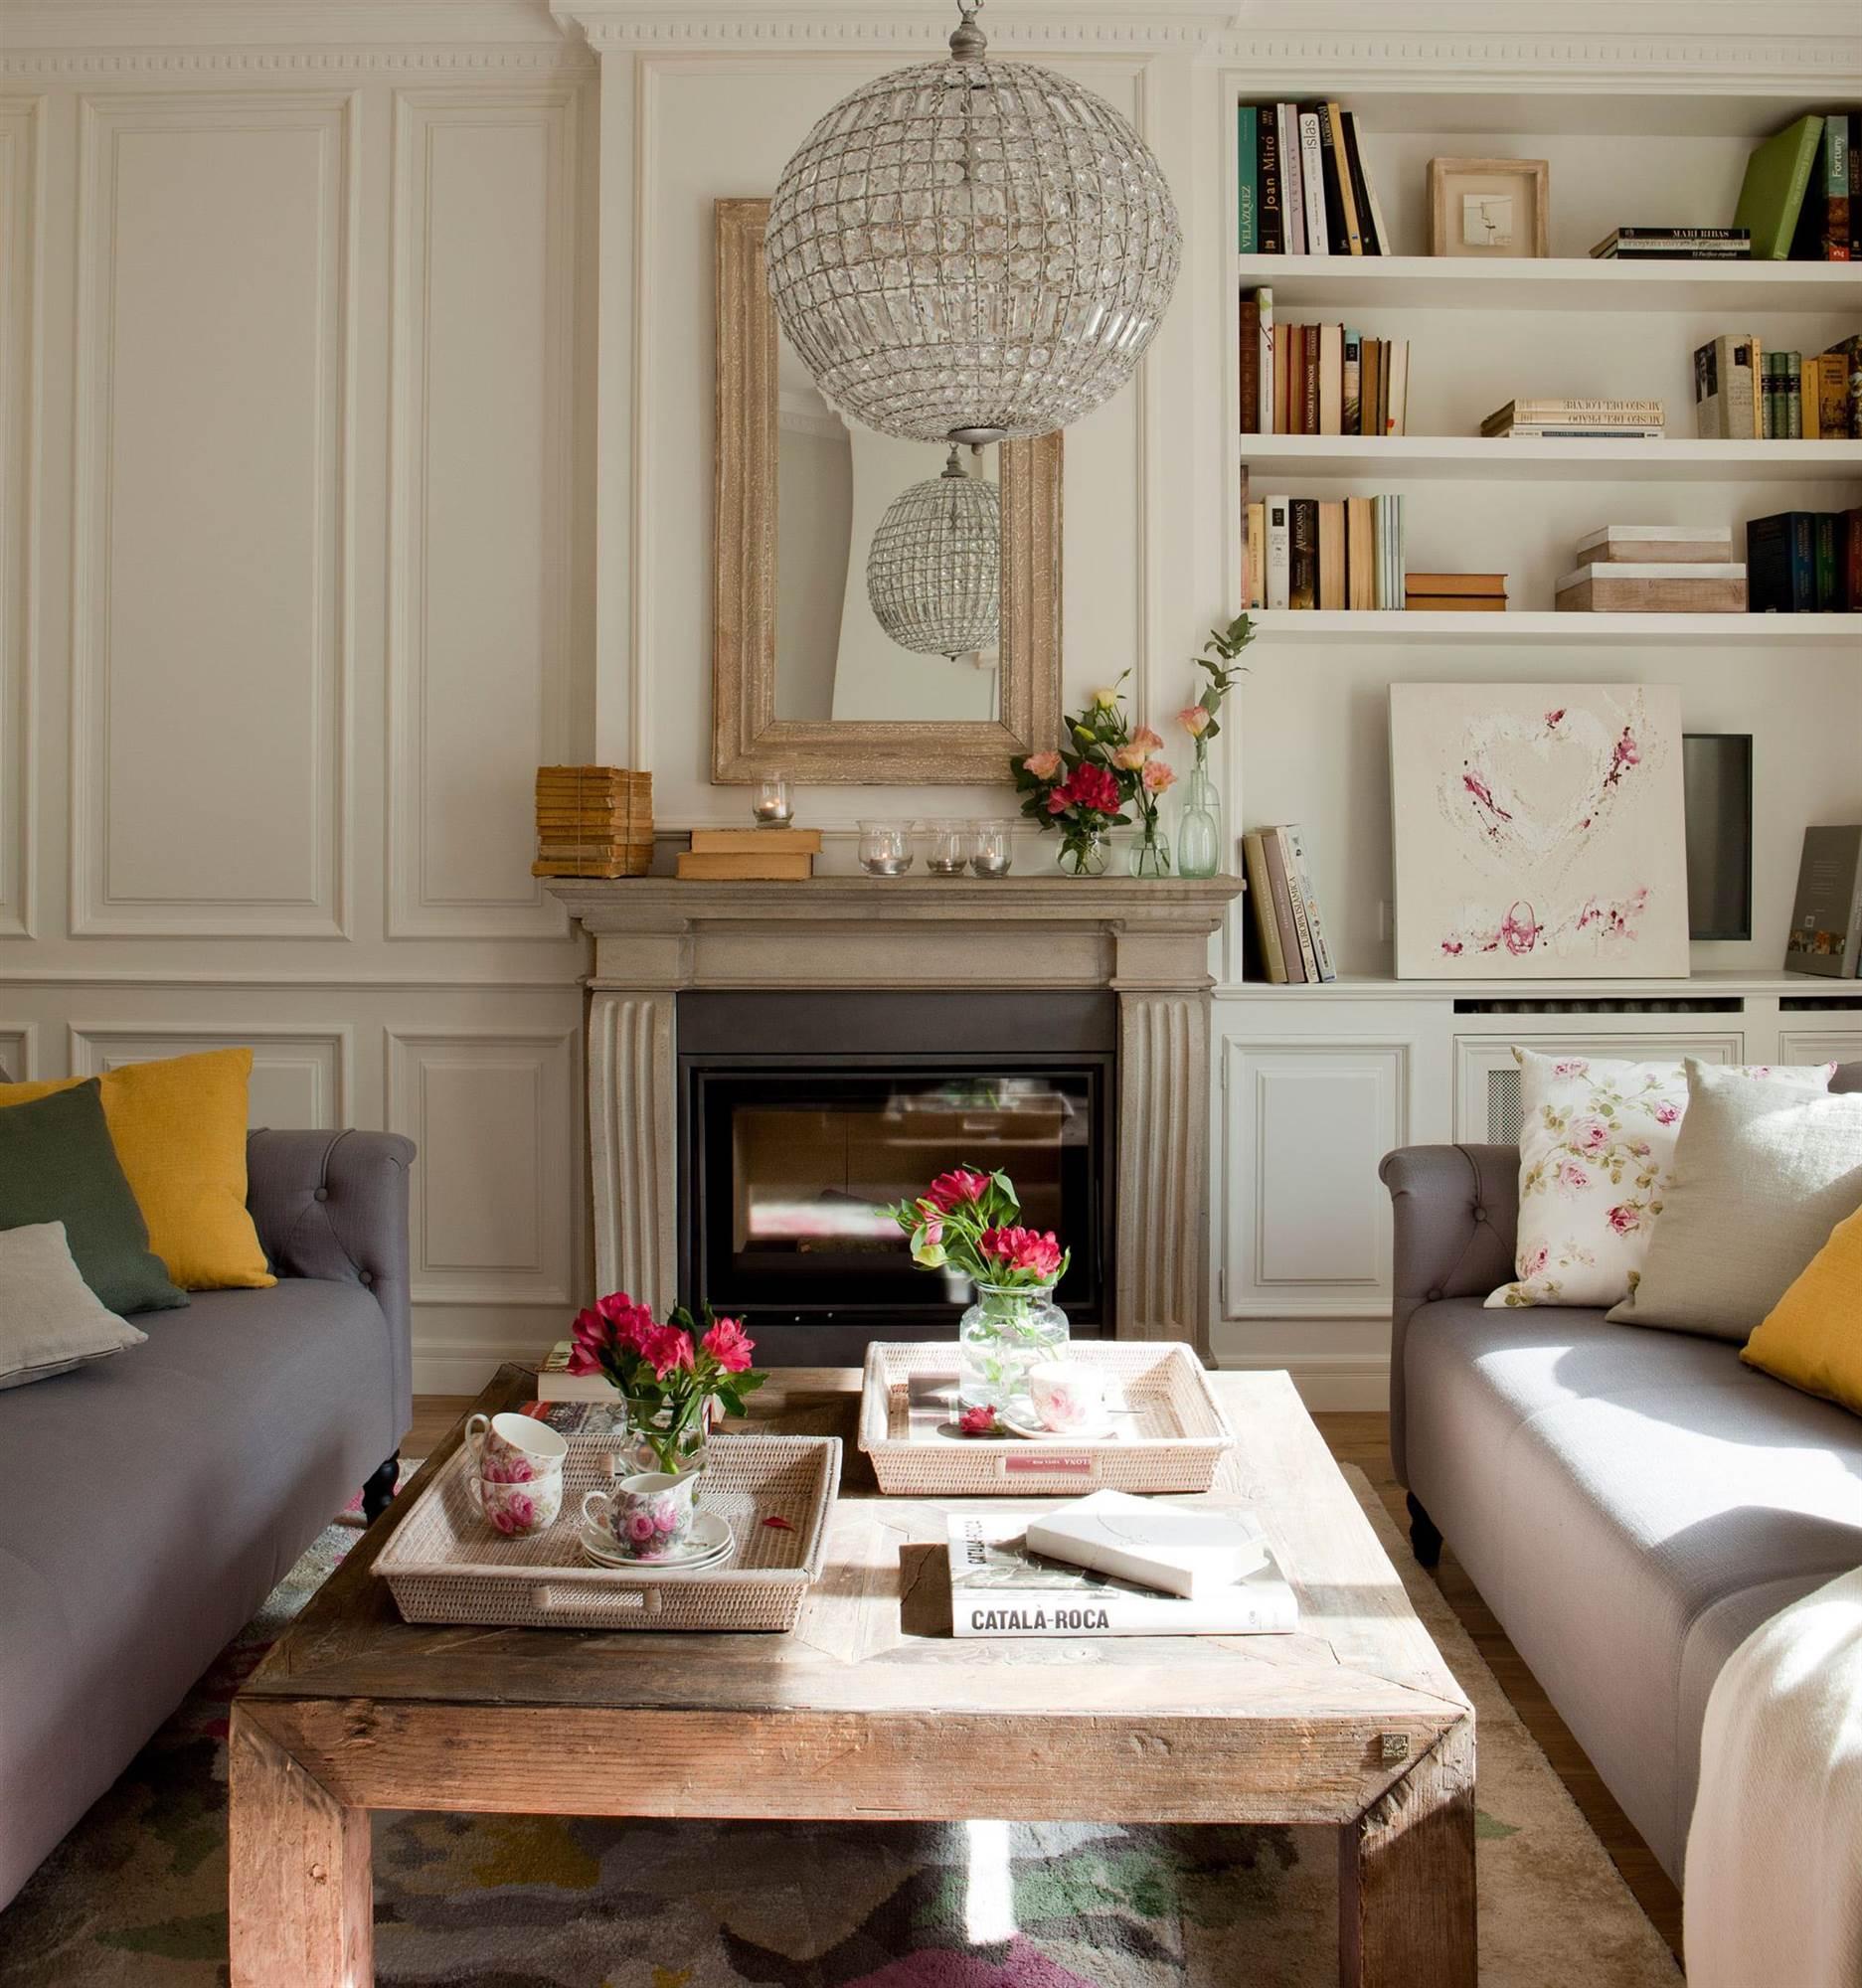 Ventajas de tener una chimenea en casa